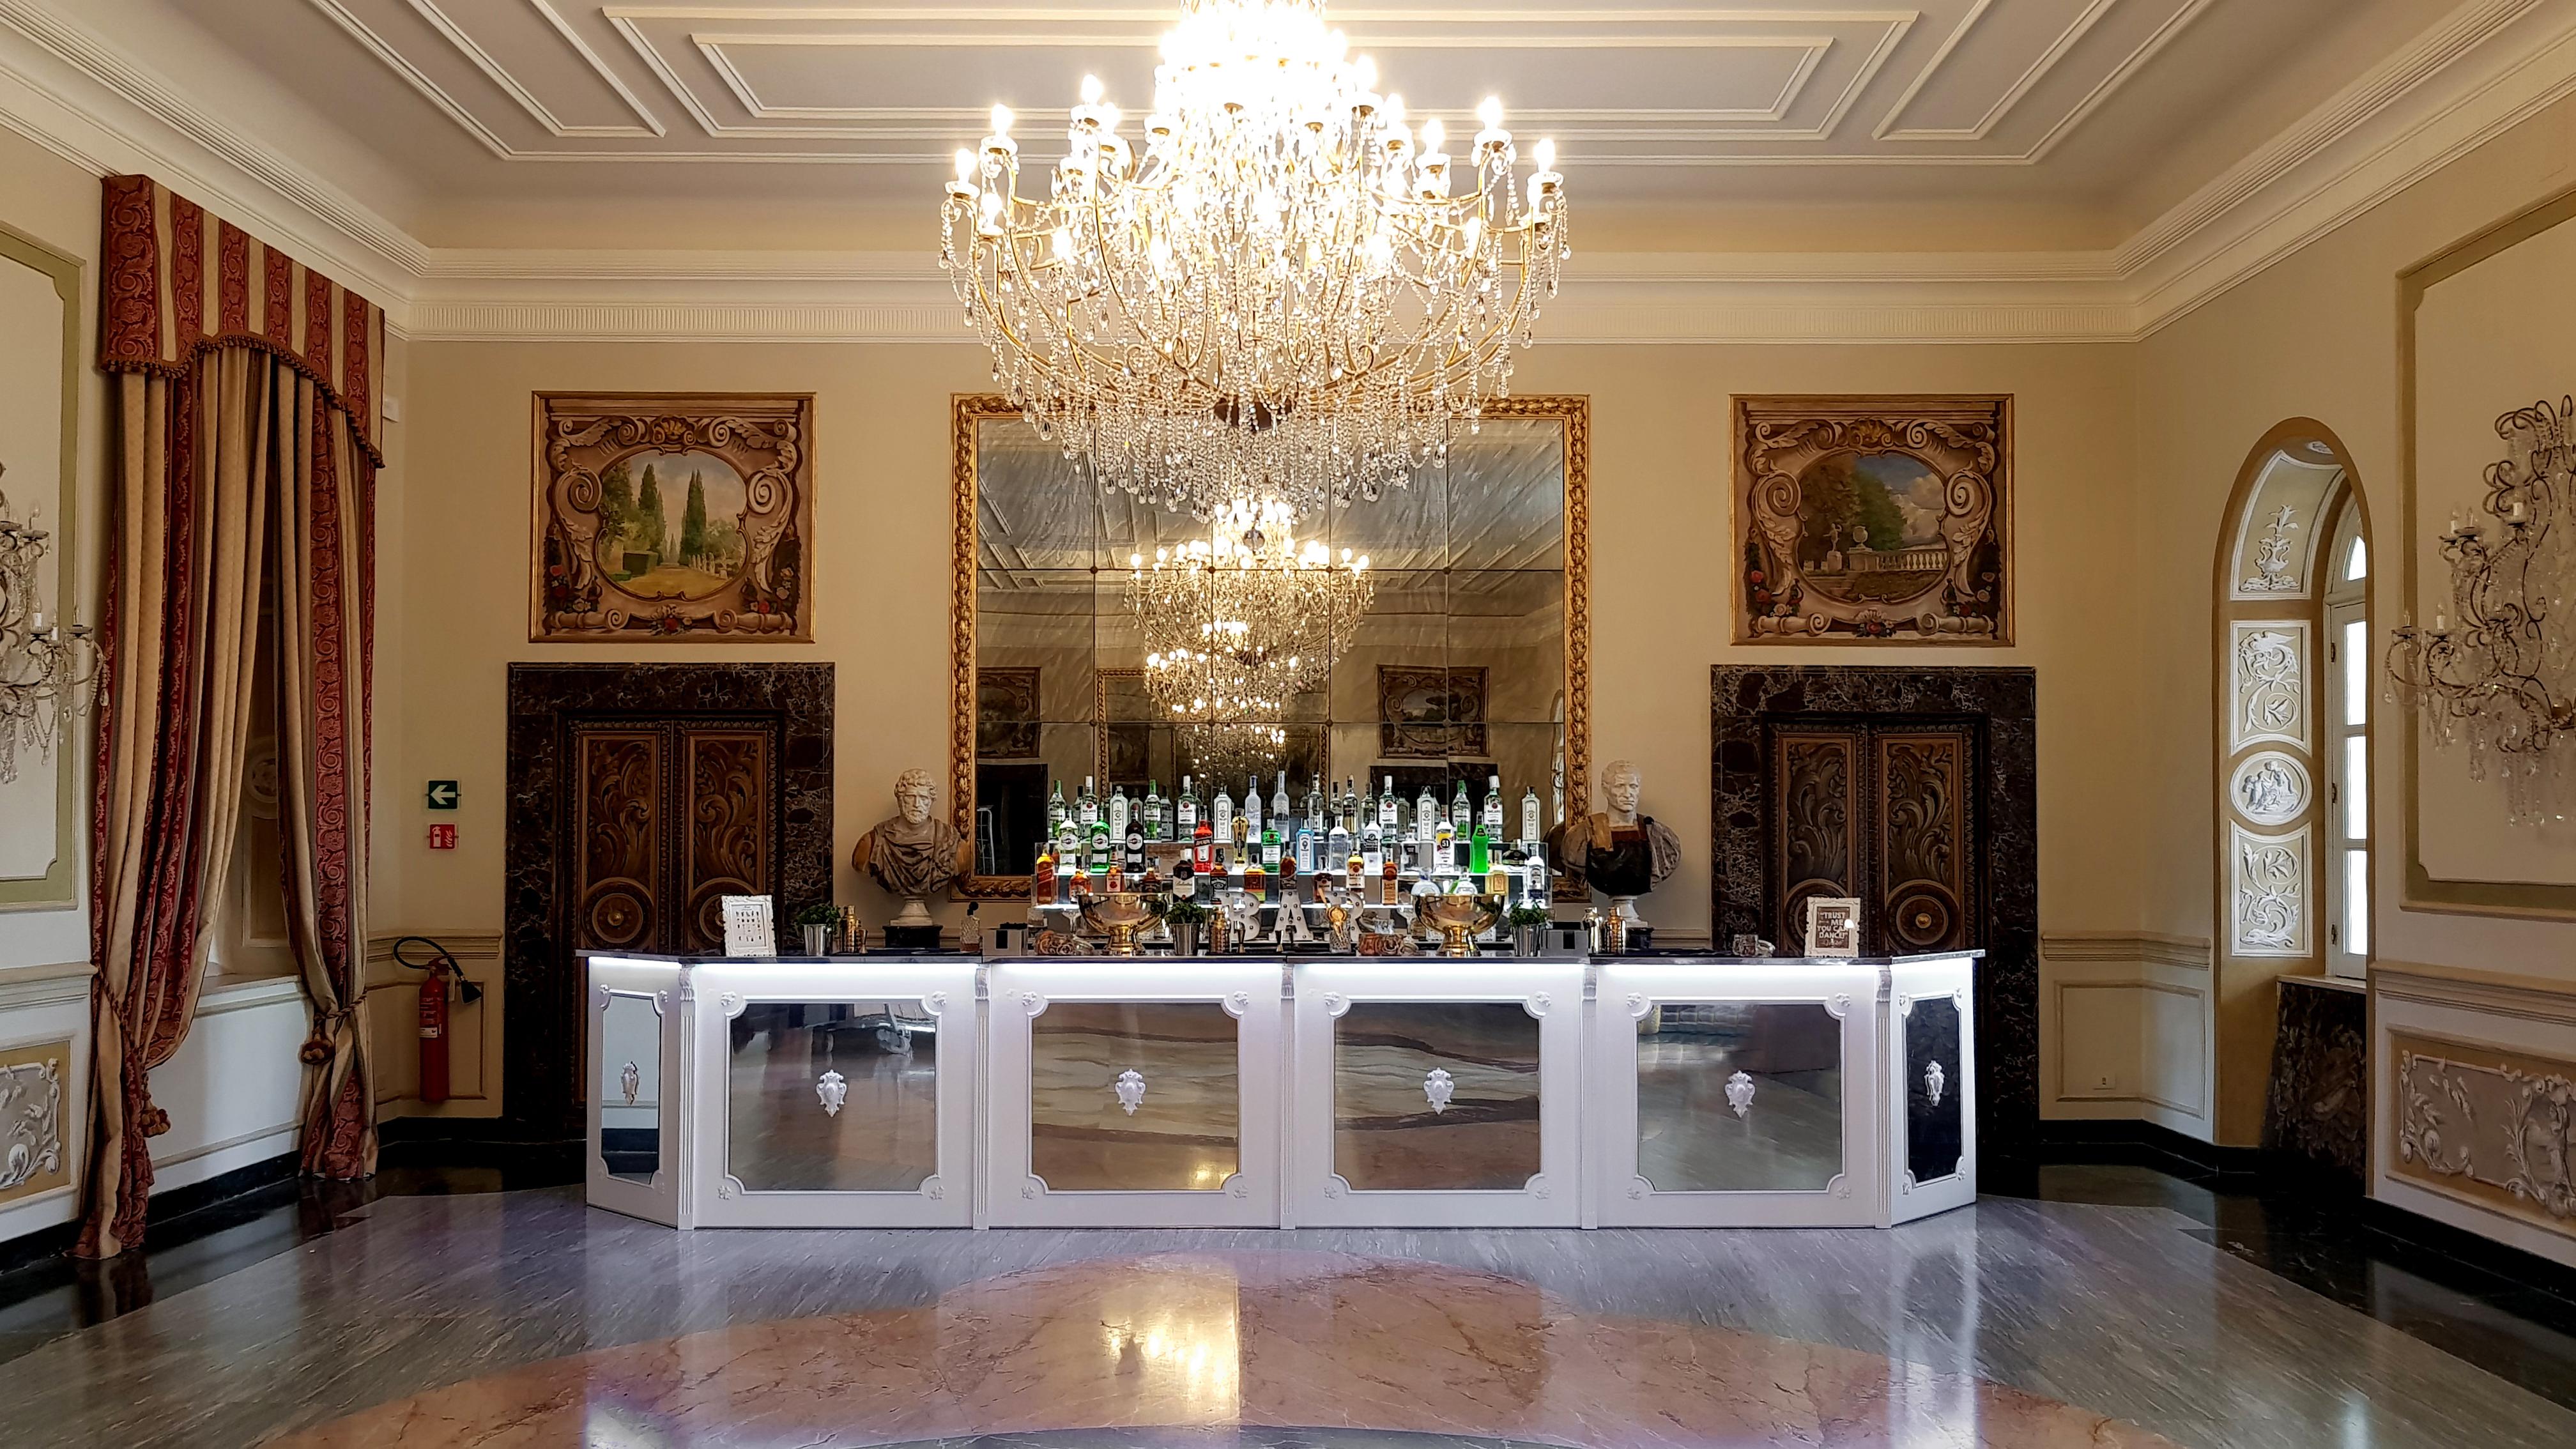 01_open_bar_catering_matrimonio_roma_firenze_milano_villa-miani-2